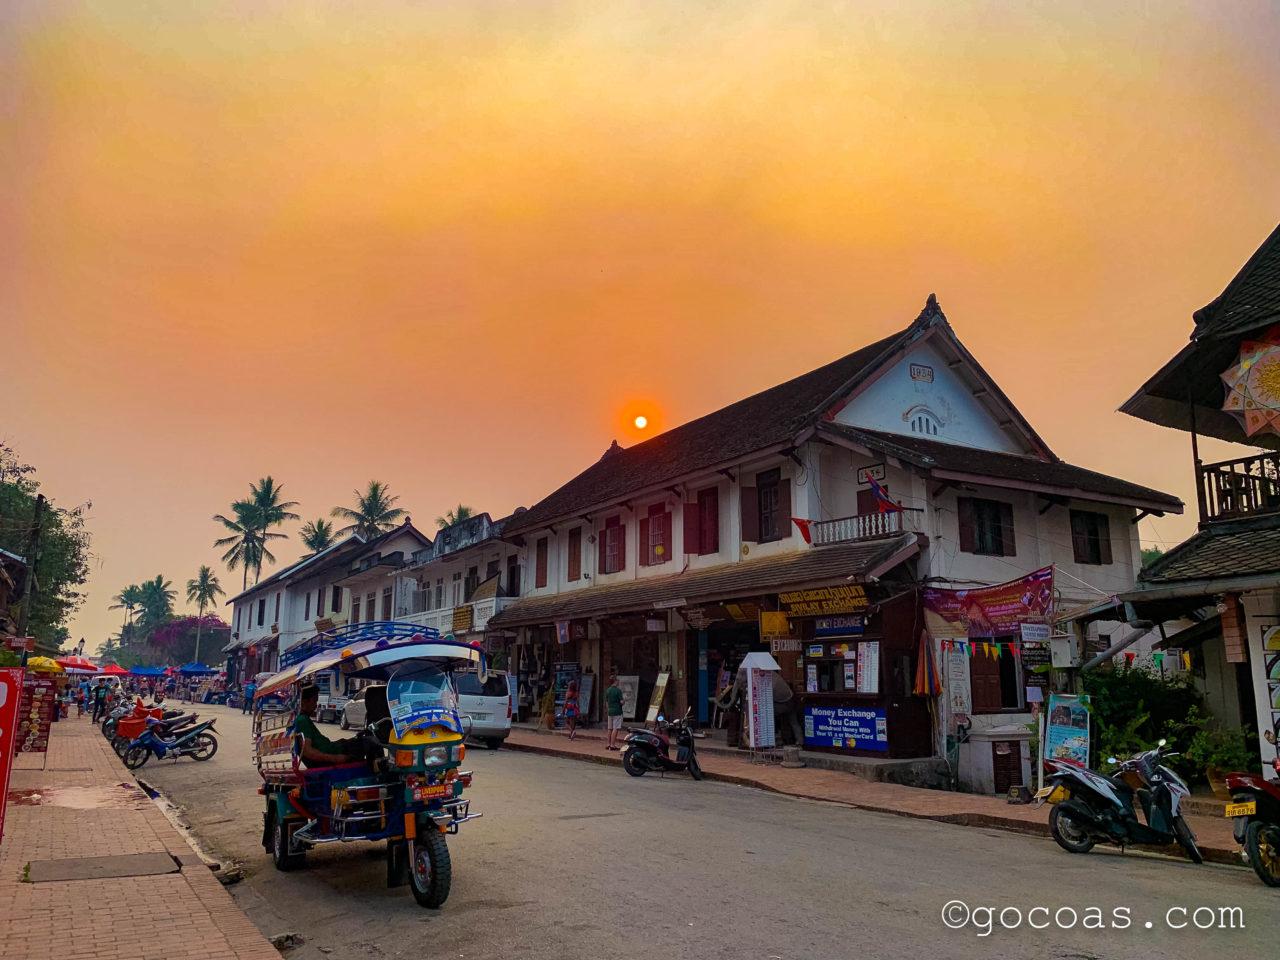 ルアンパバーンの街中にあるお店と夕日